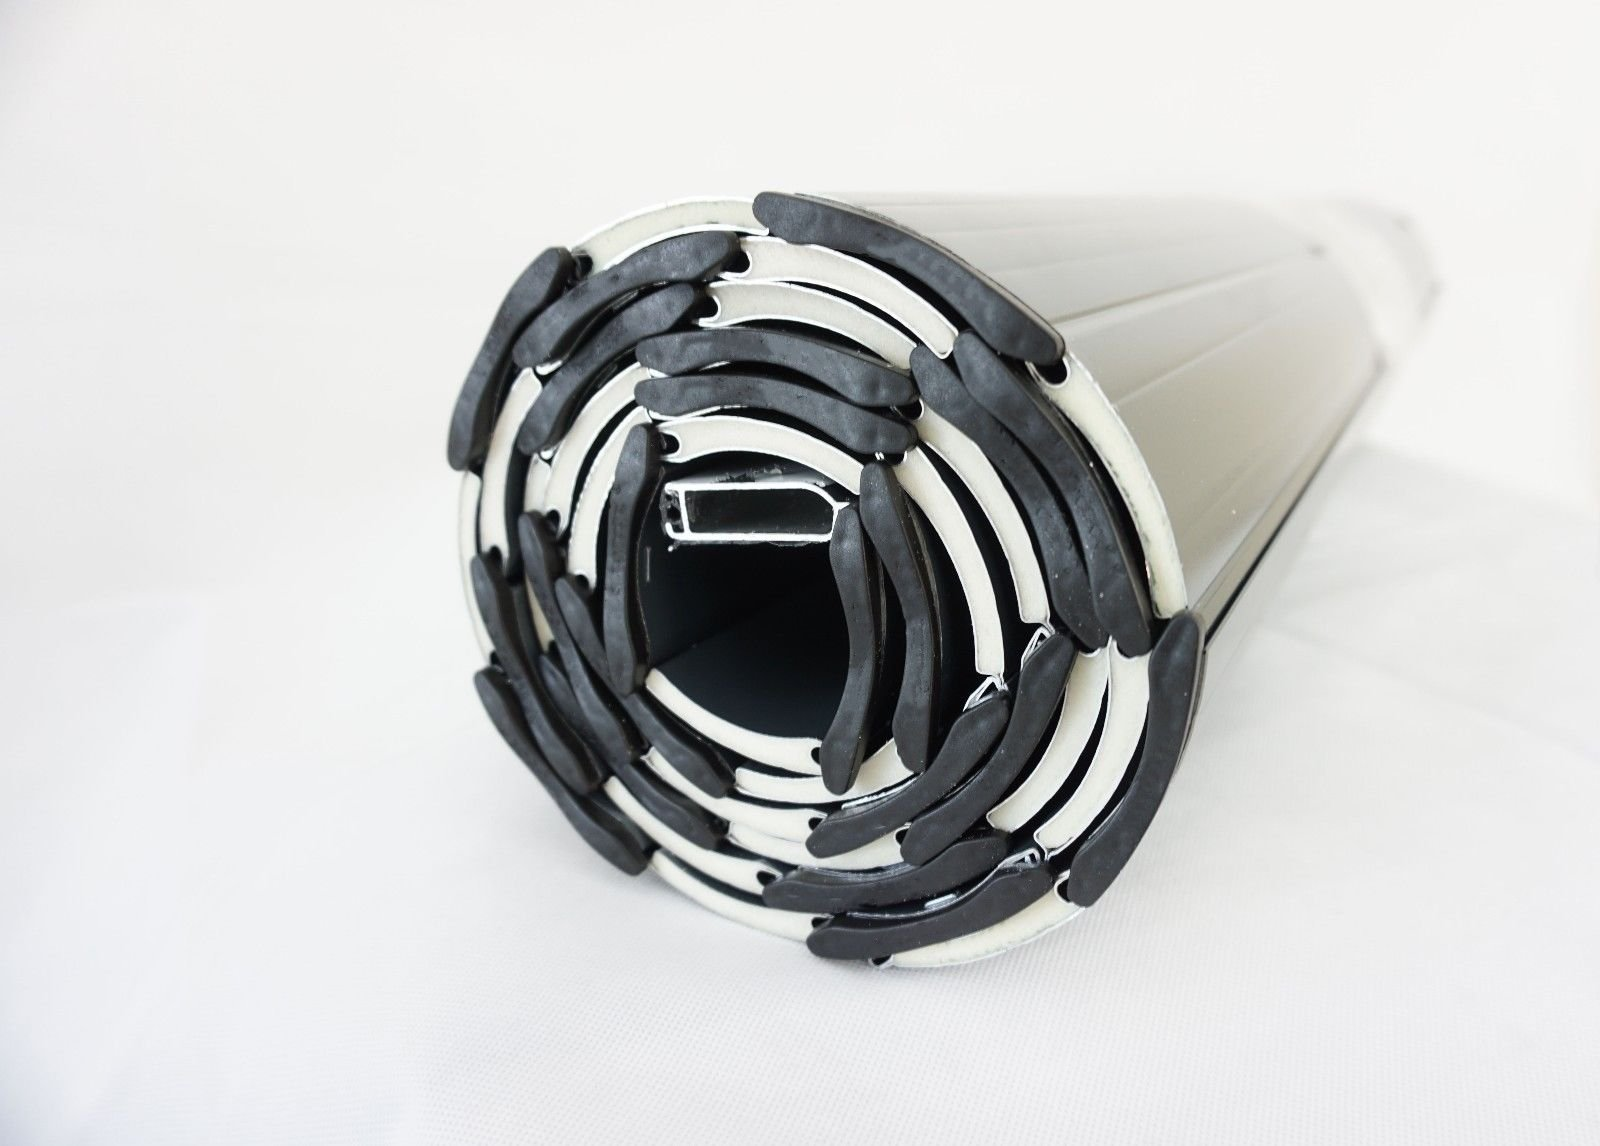 Aluminio persiana tanque rollwin Perfil 37 Color Blanco Ancho 750 – 2800 mm Altura 1,5 m aluminio adornos a escala: Amazon.es: Bricolaje y herramientas